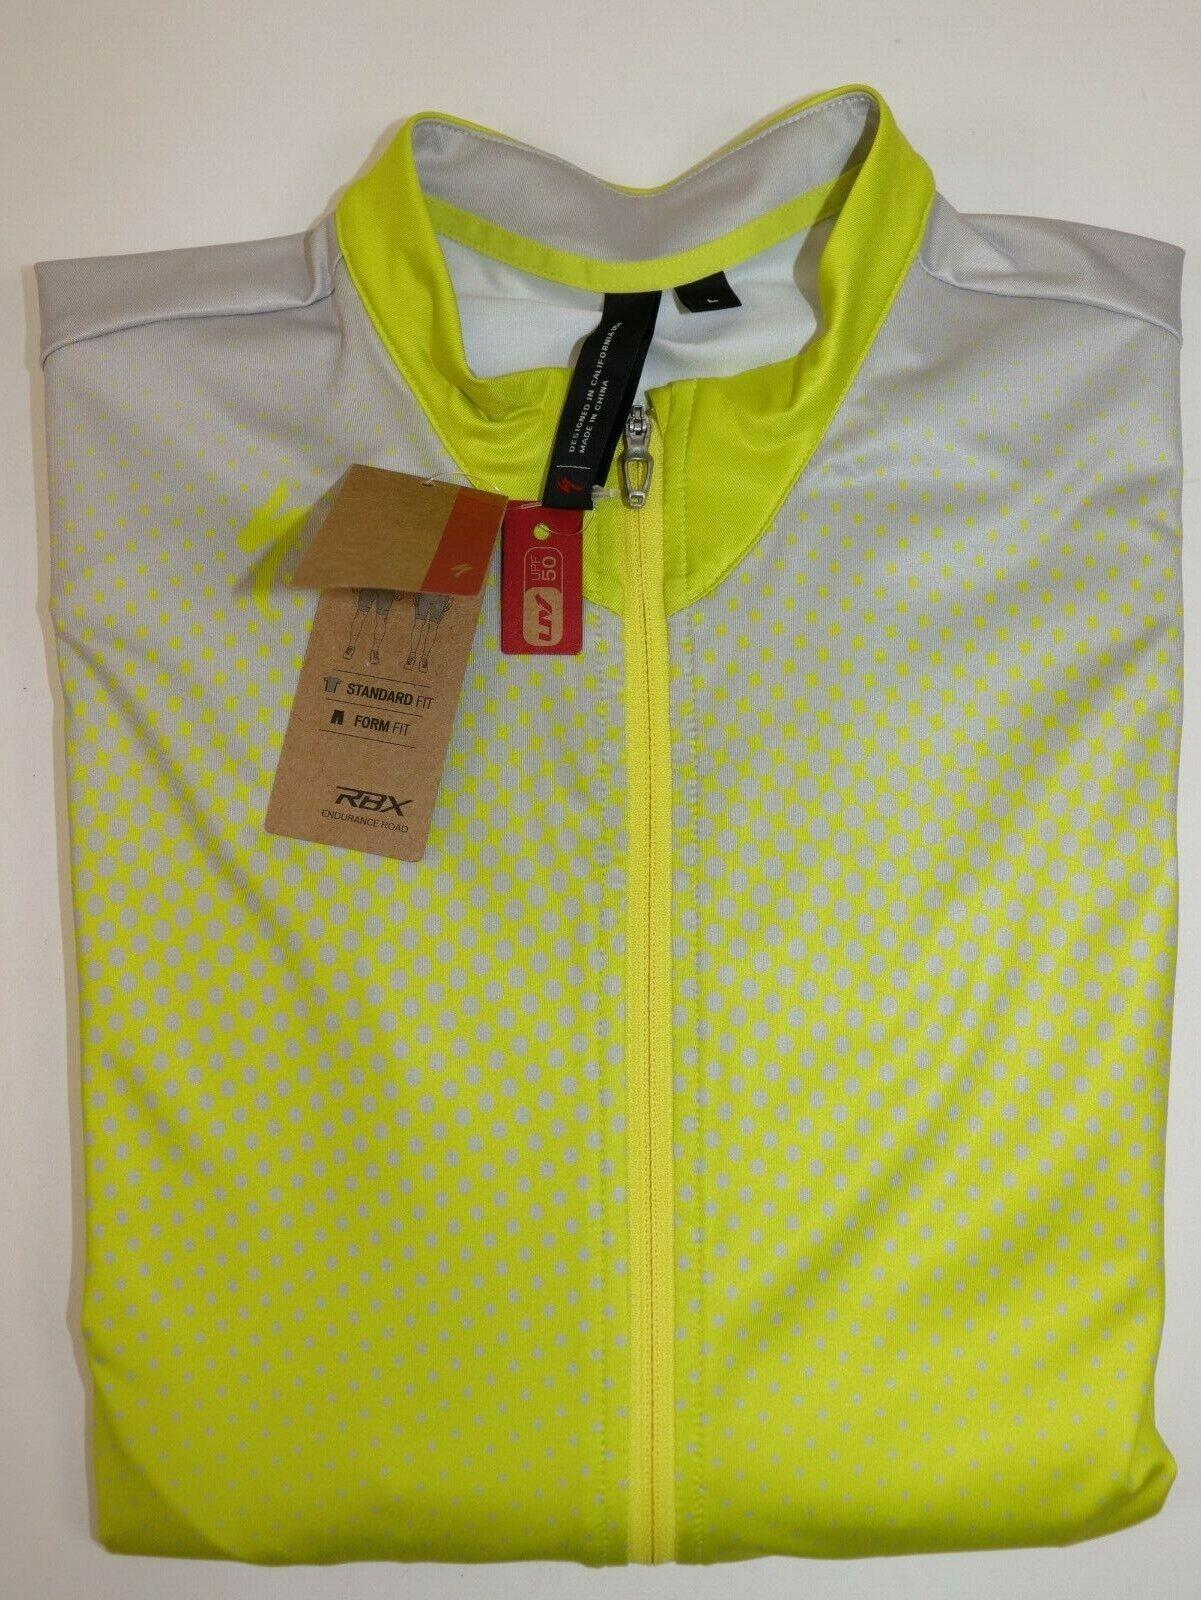 Nuevo con etiquetas especializado Talla L para Mujer Manga Corta Amarillo gris Rbx Comp para Ciclismo Jersey